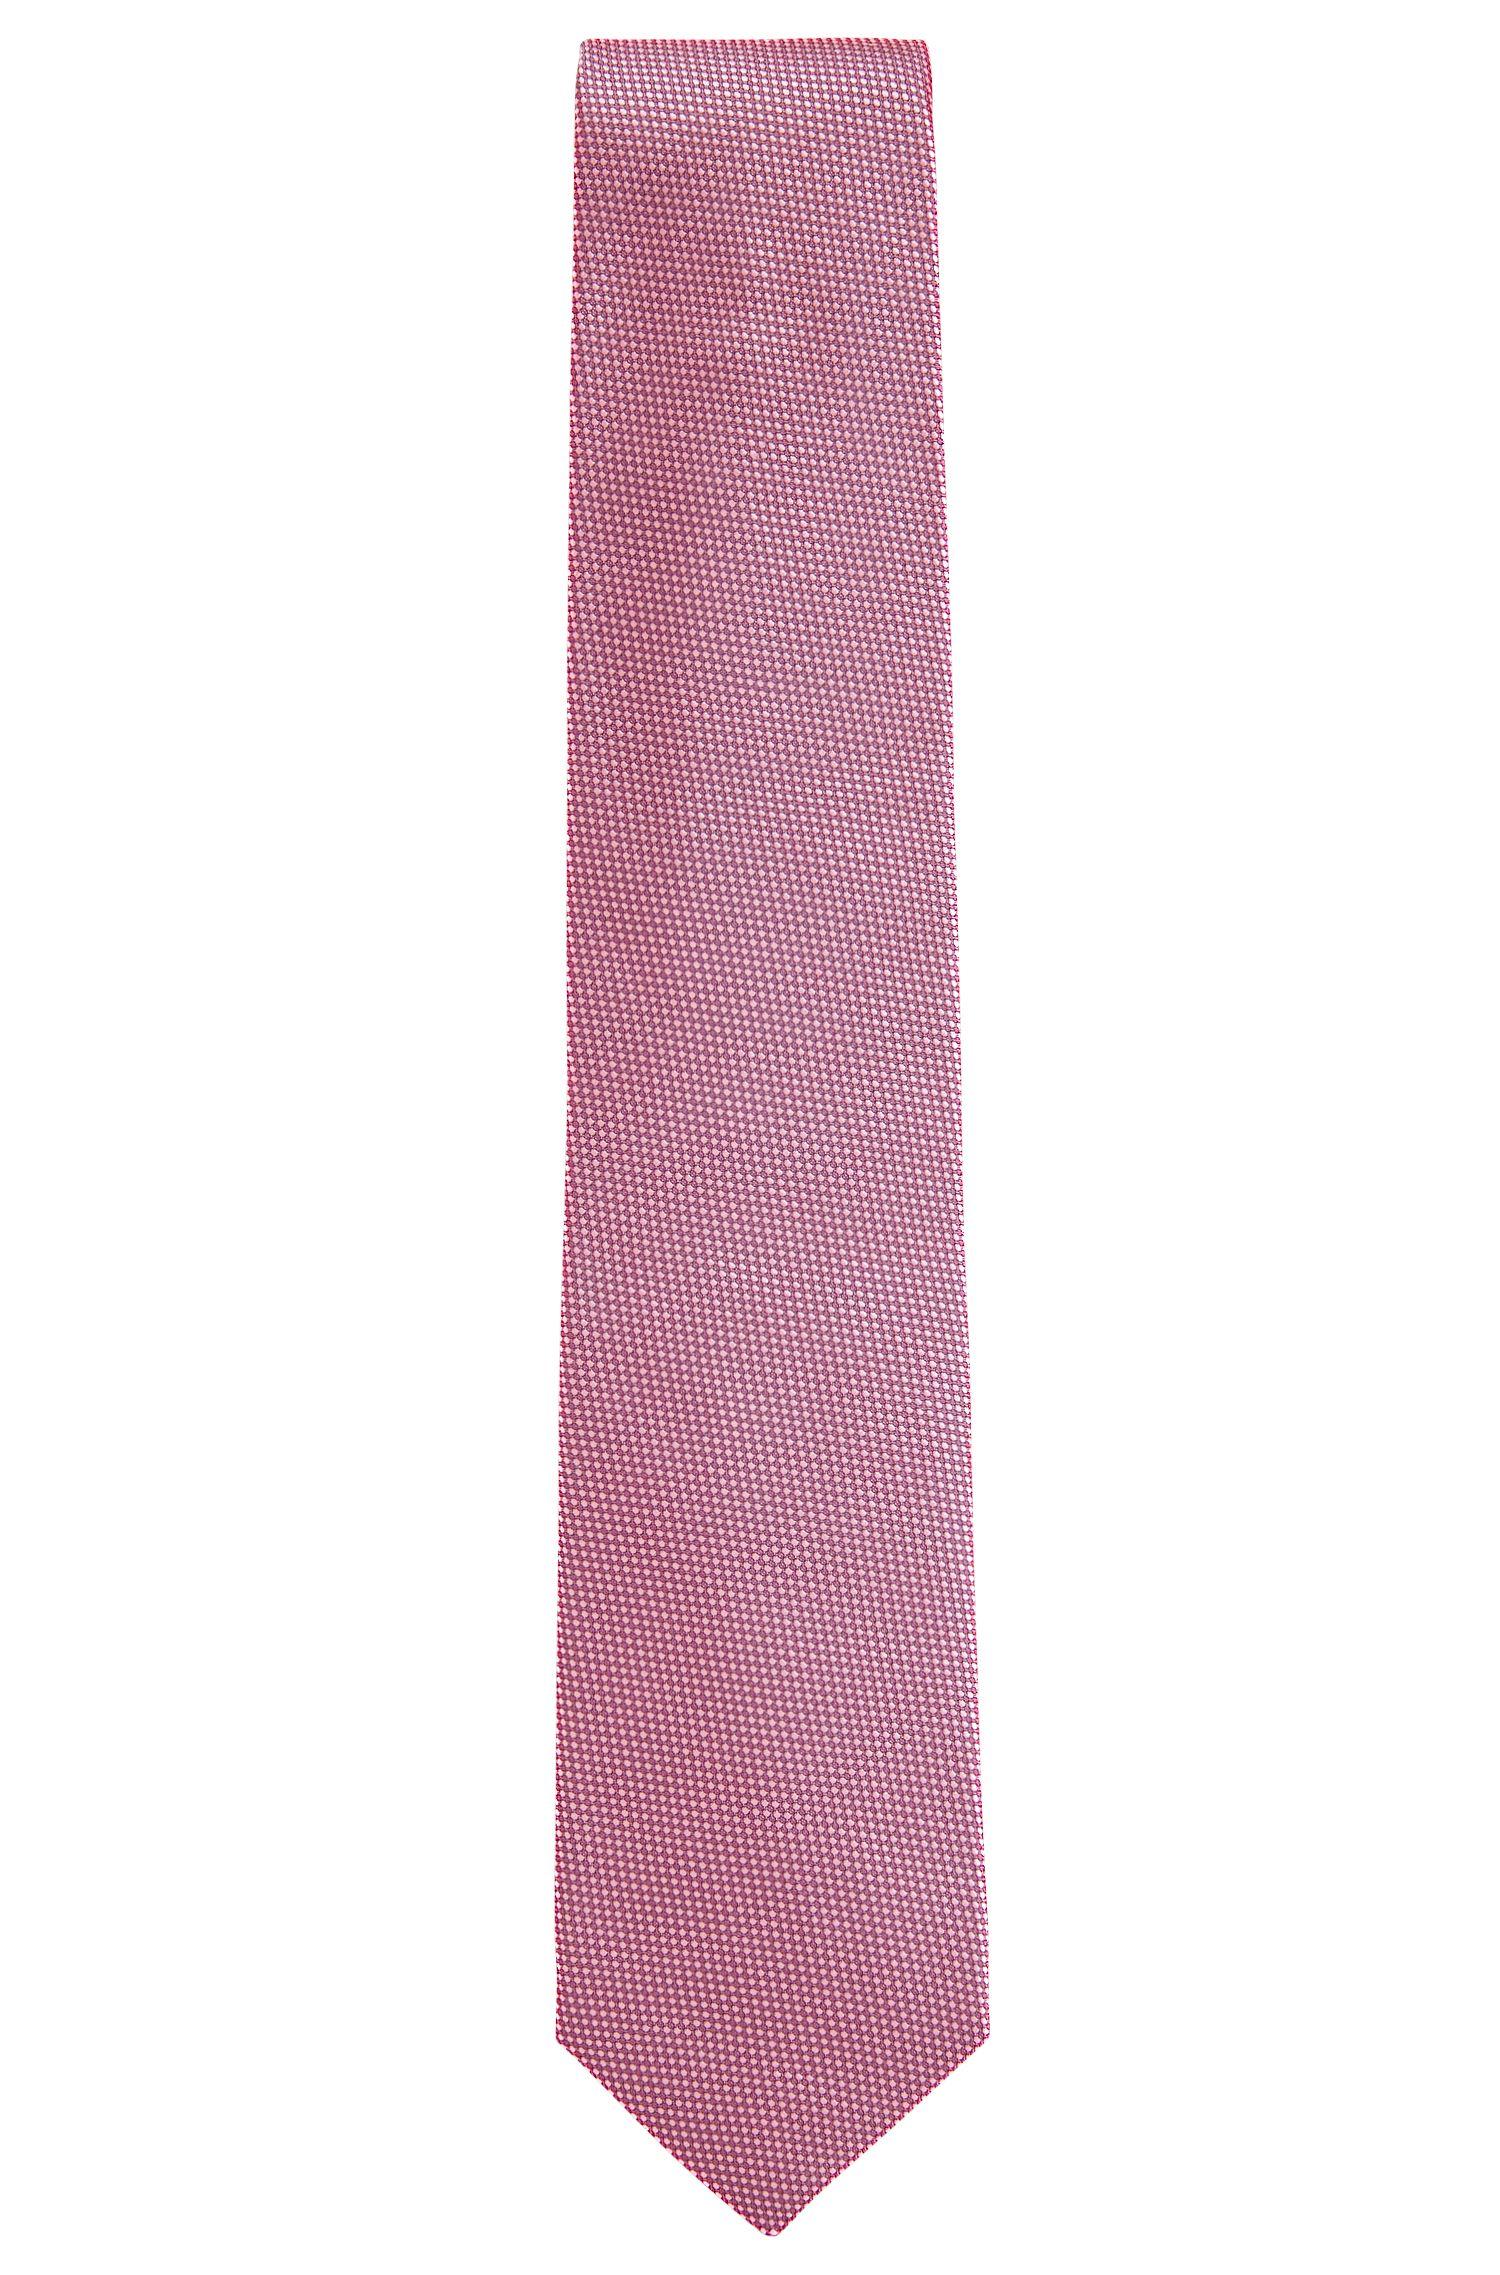 Corbata de fantasía confeccionada en Italia en jacquard de seda